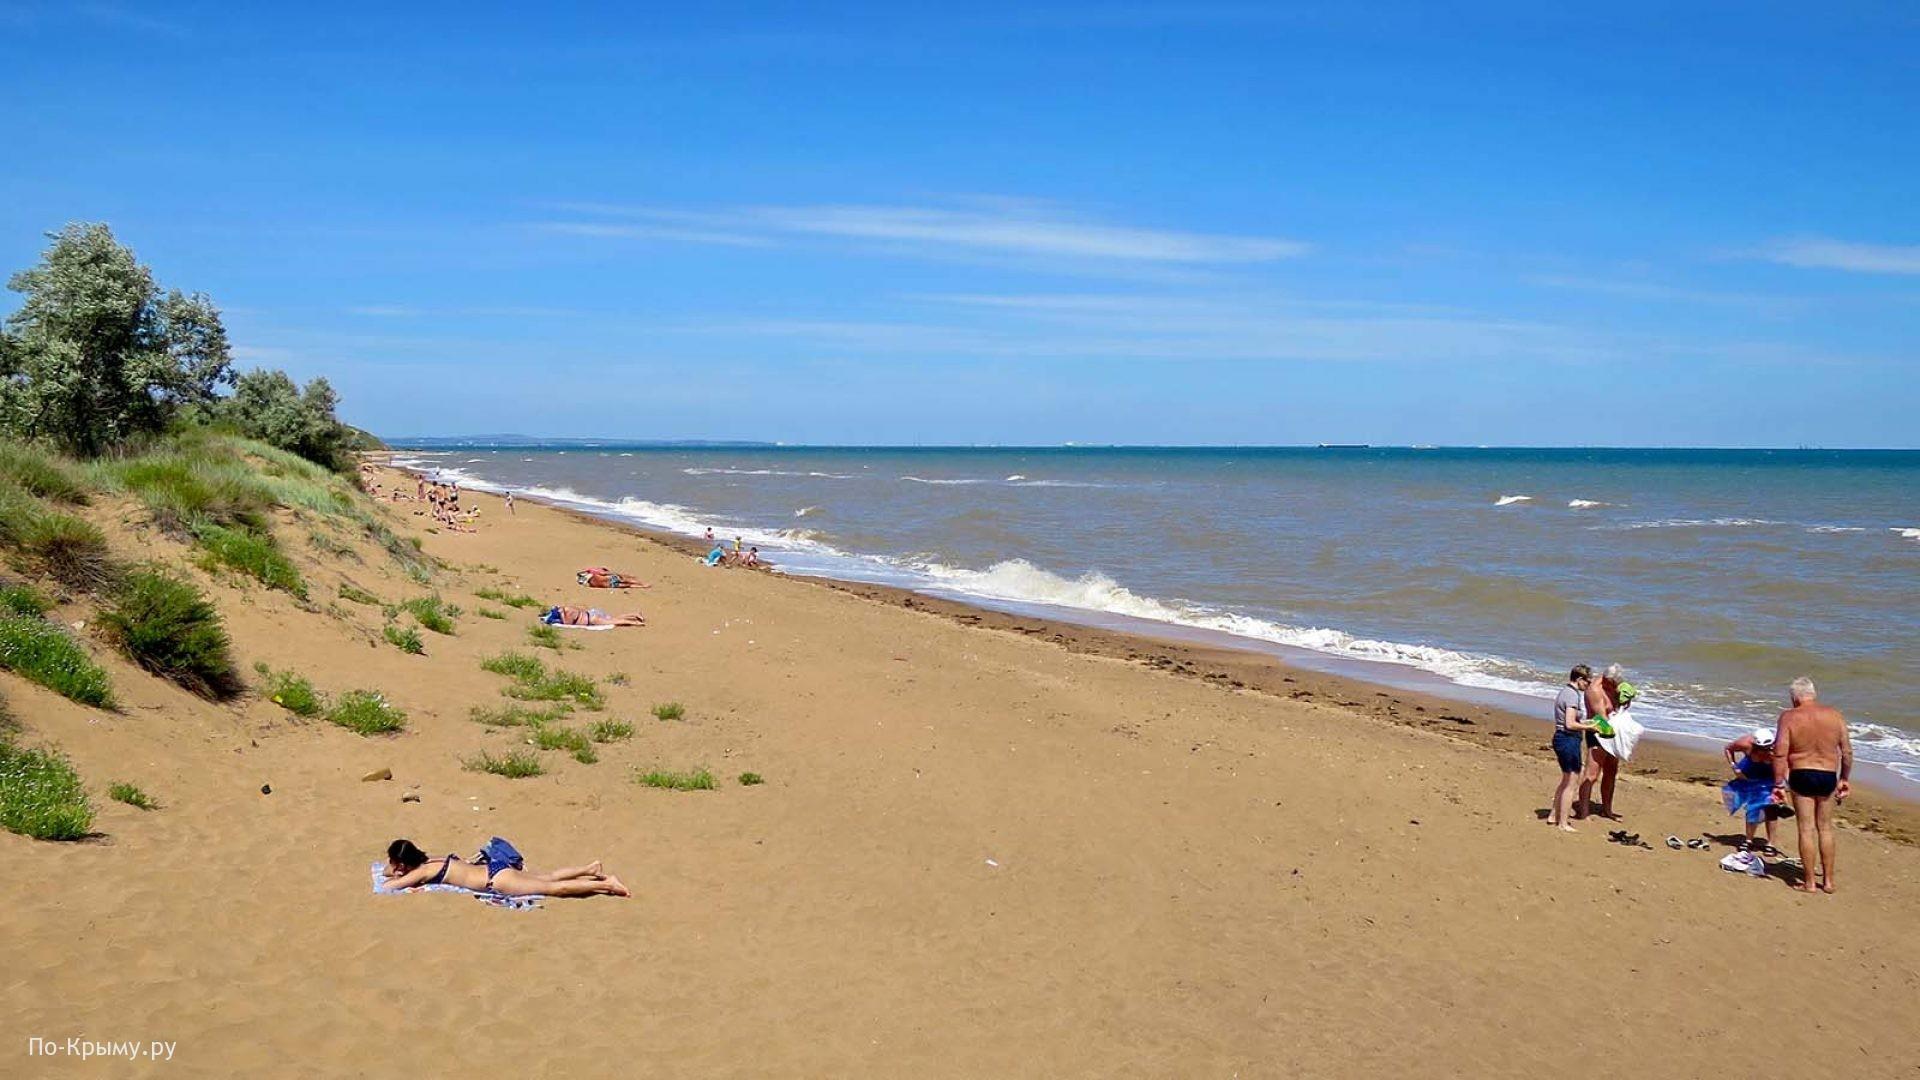 Песчаный пляж в пригороде Керчи Героевское